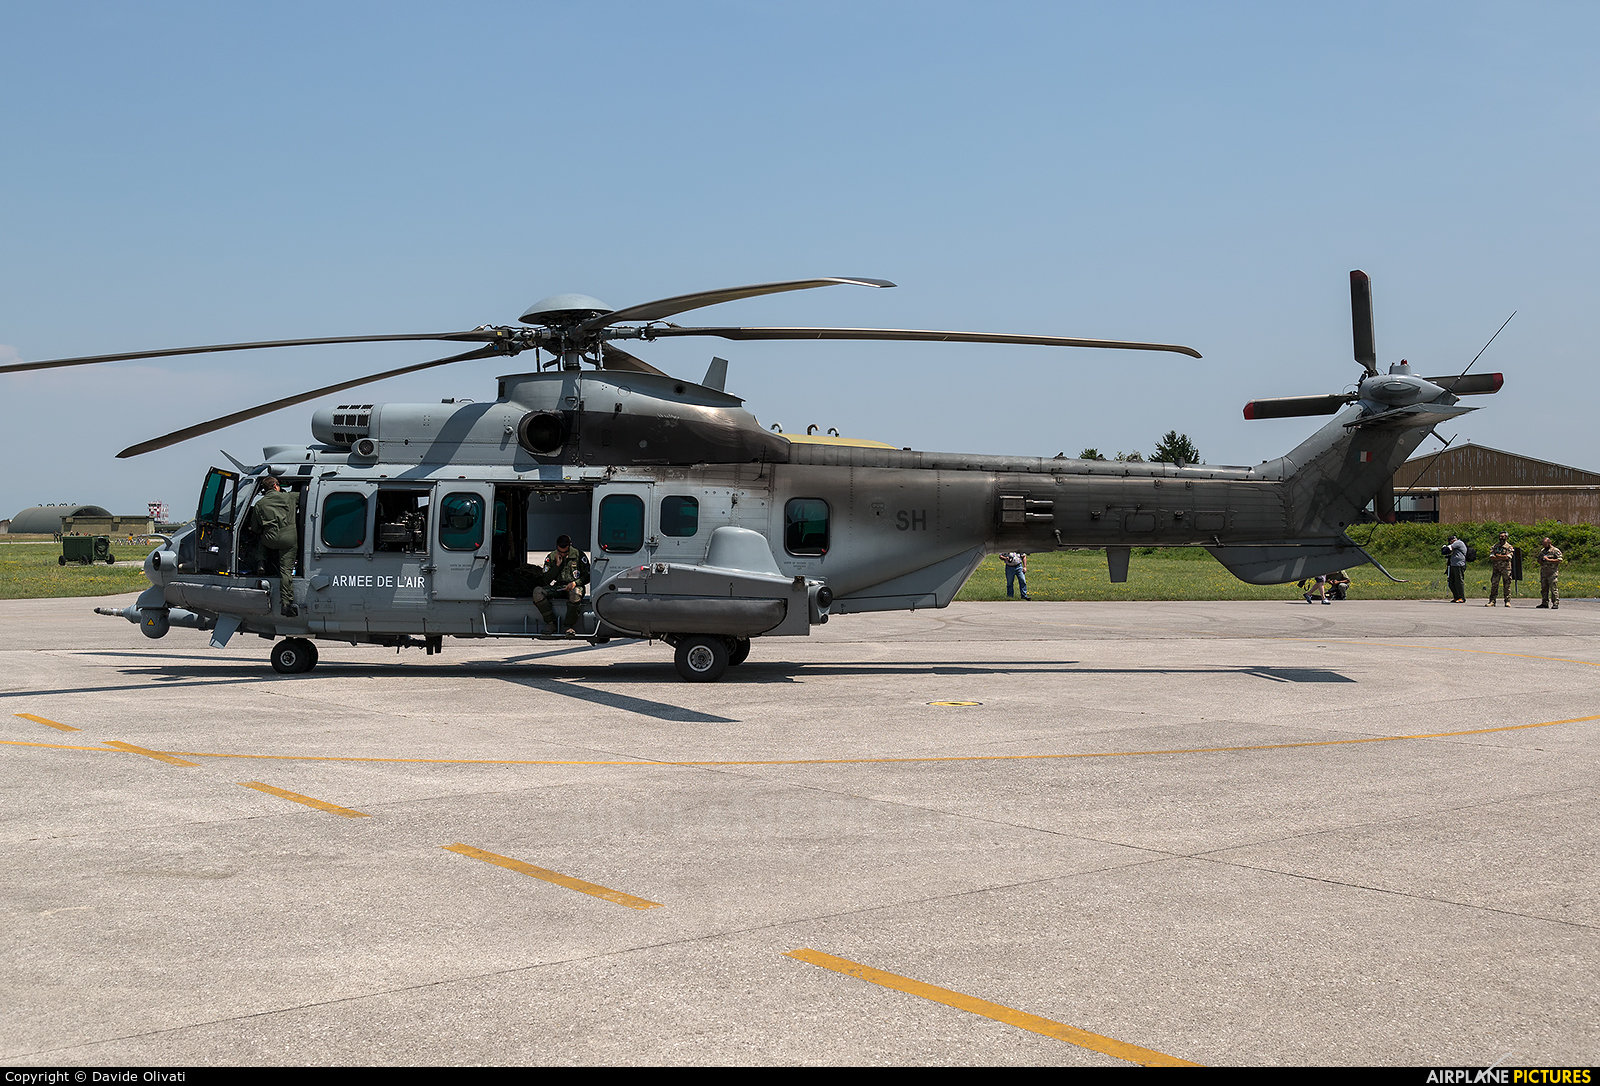 France - Army 2772 aircraft at Rivolto